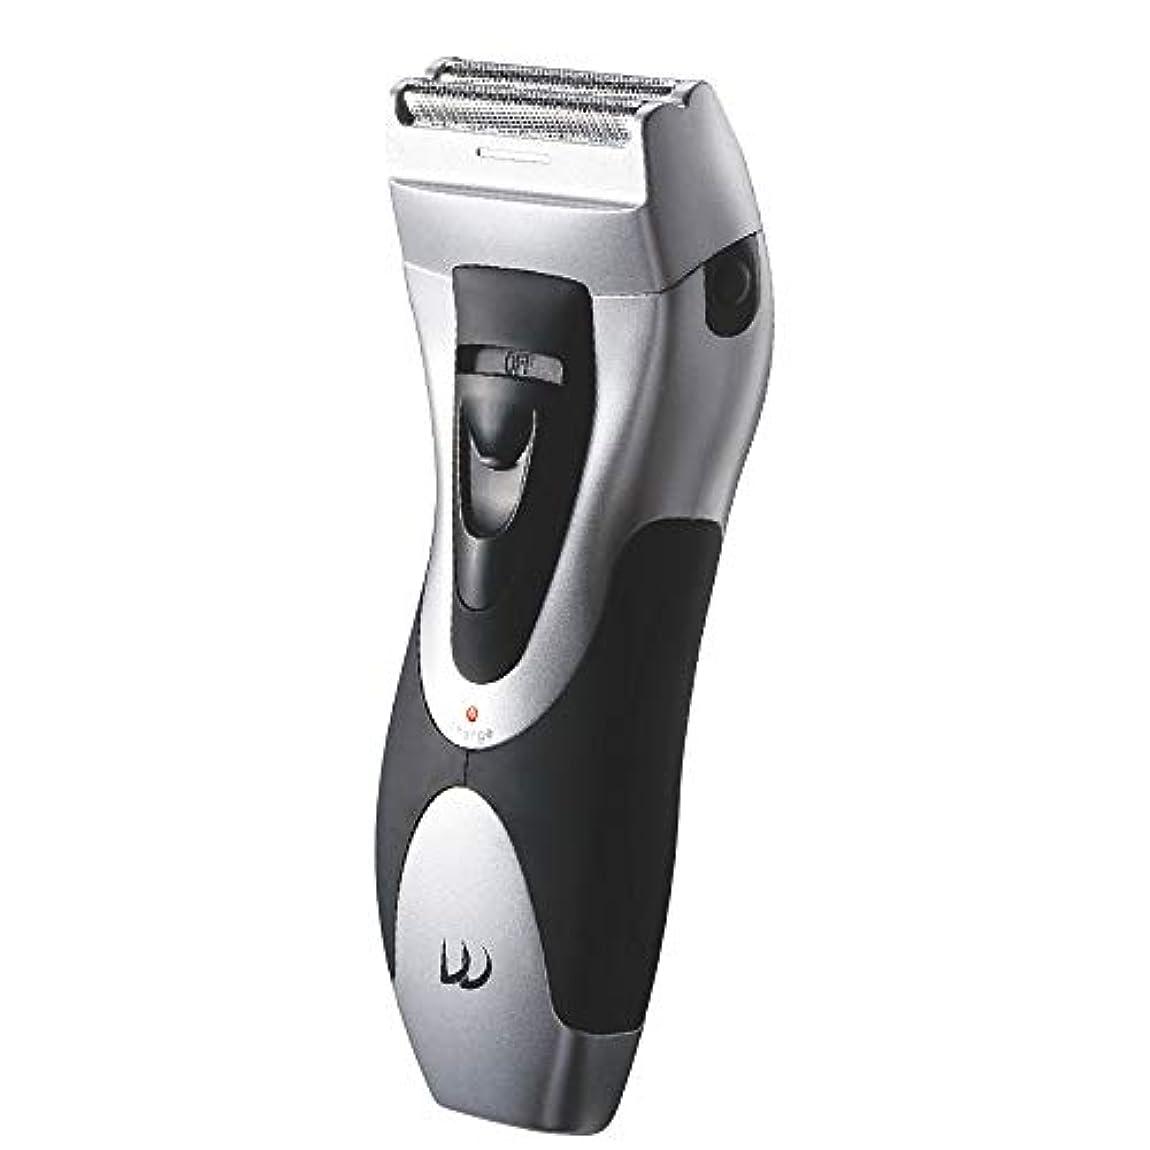 の前で覗くホーン充電式 Wシェーバー 水洗いOK! 肌に優しい二枚刃 髭剃り ヒゲ剃り お風呂メンズ